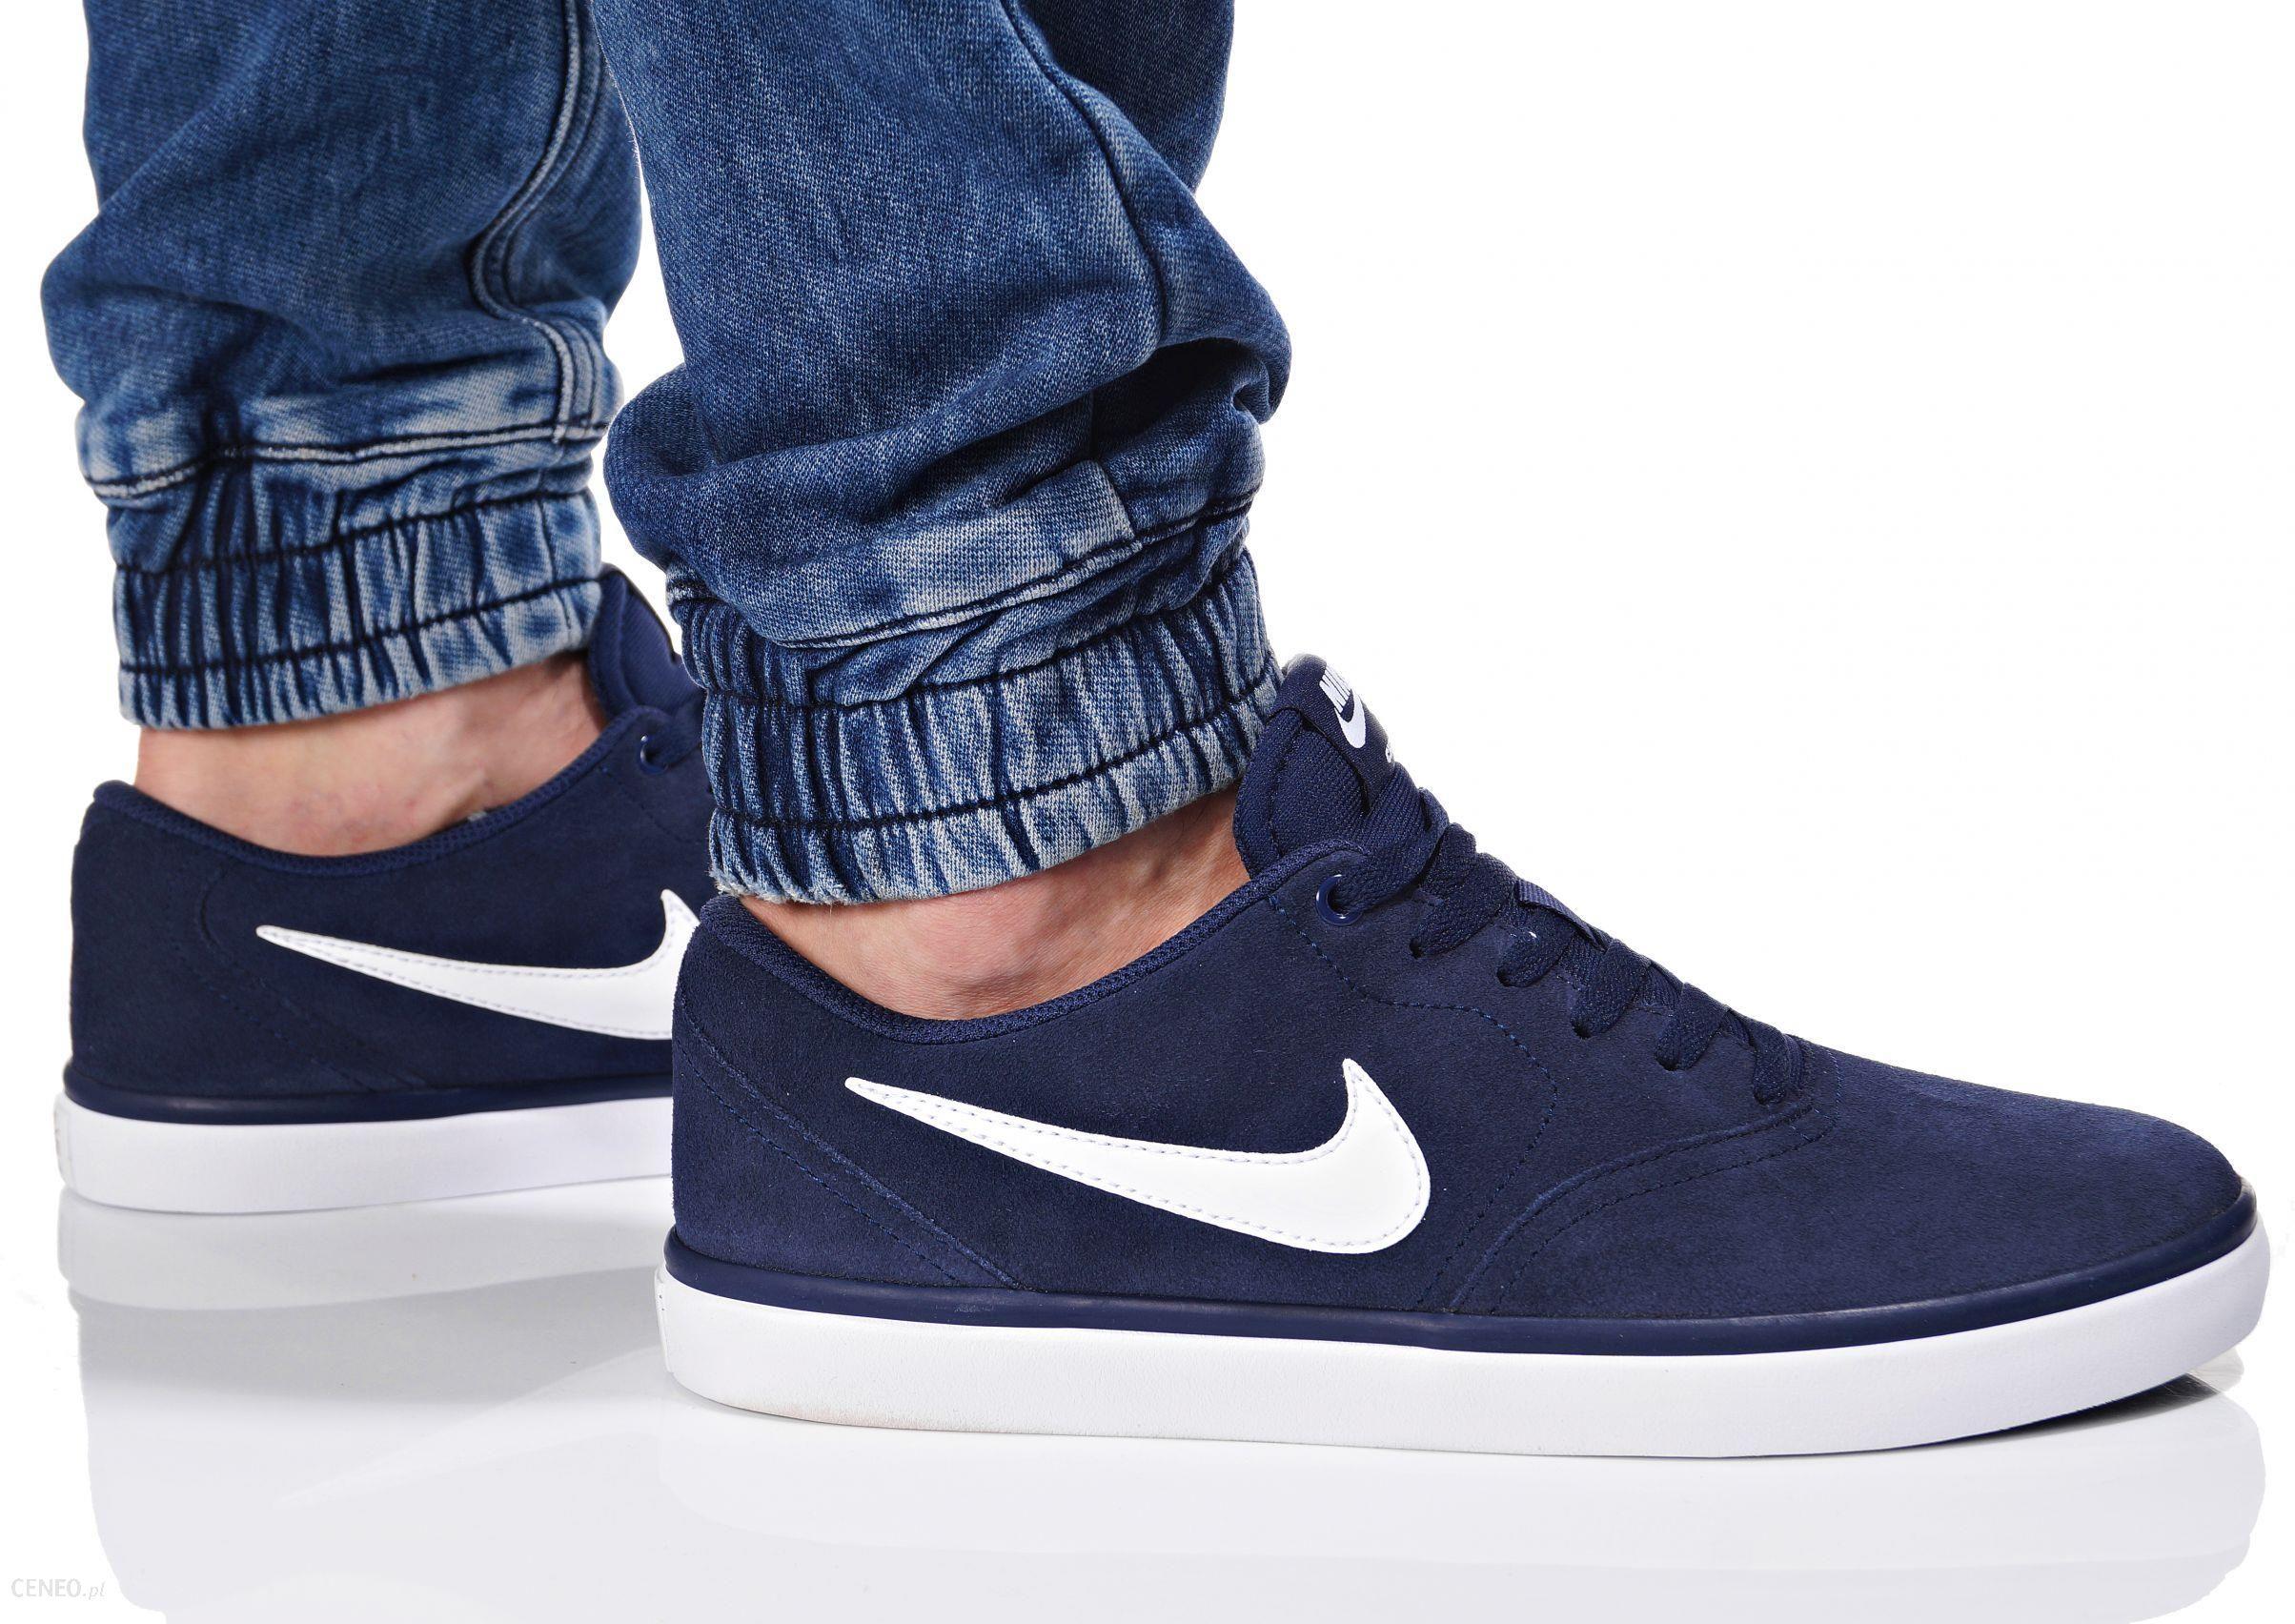 sneakersy męskie Nike Buty Sb Check Solar niebieskie 843895 400